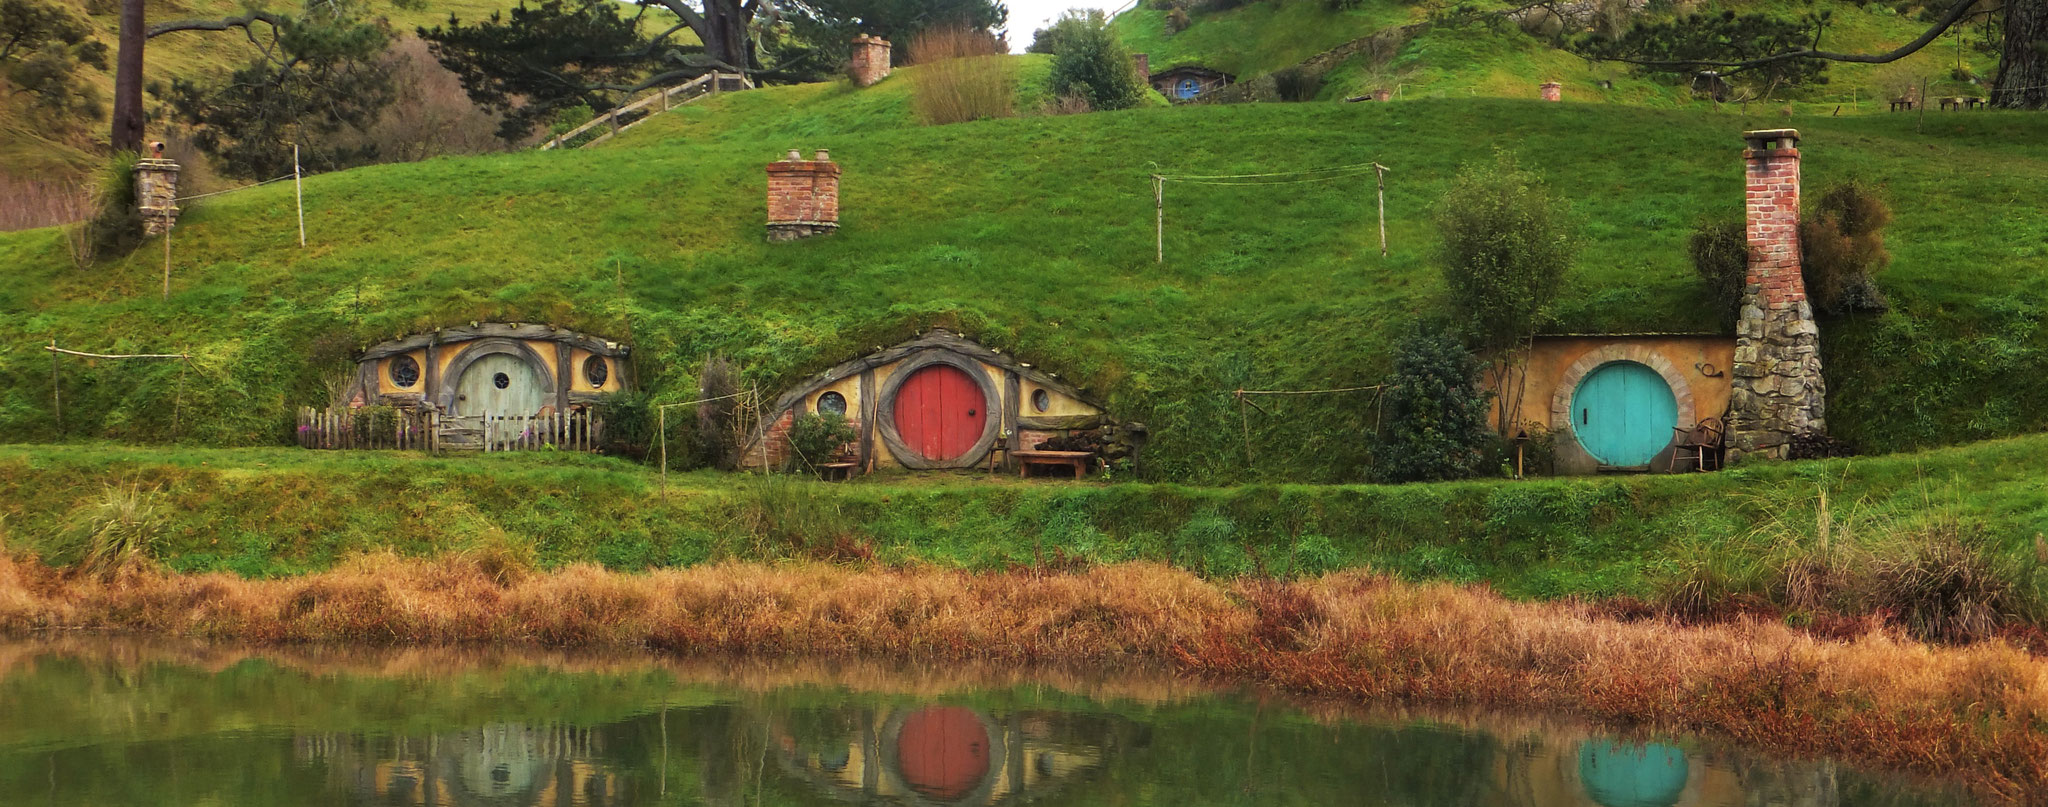 There and bach again: Zwei Reisen zu den Hobbits [mehr...]